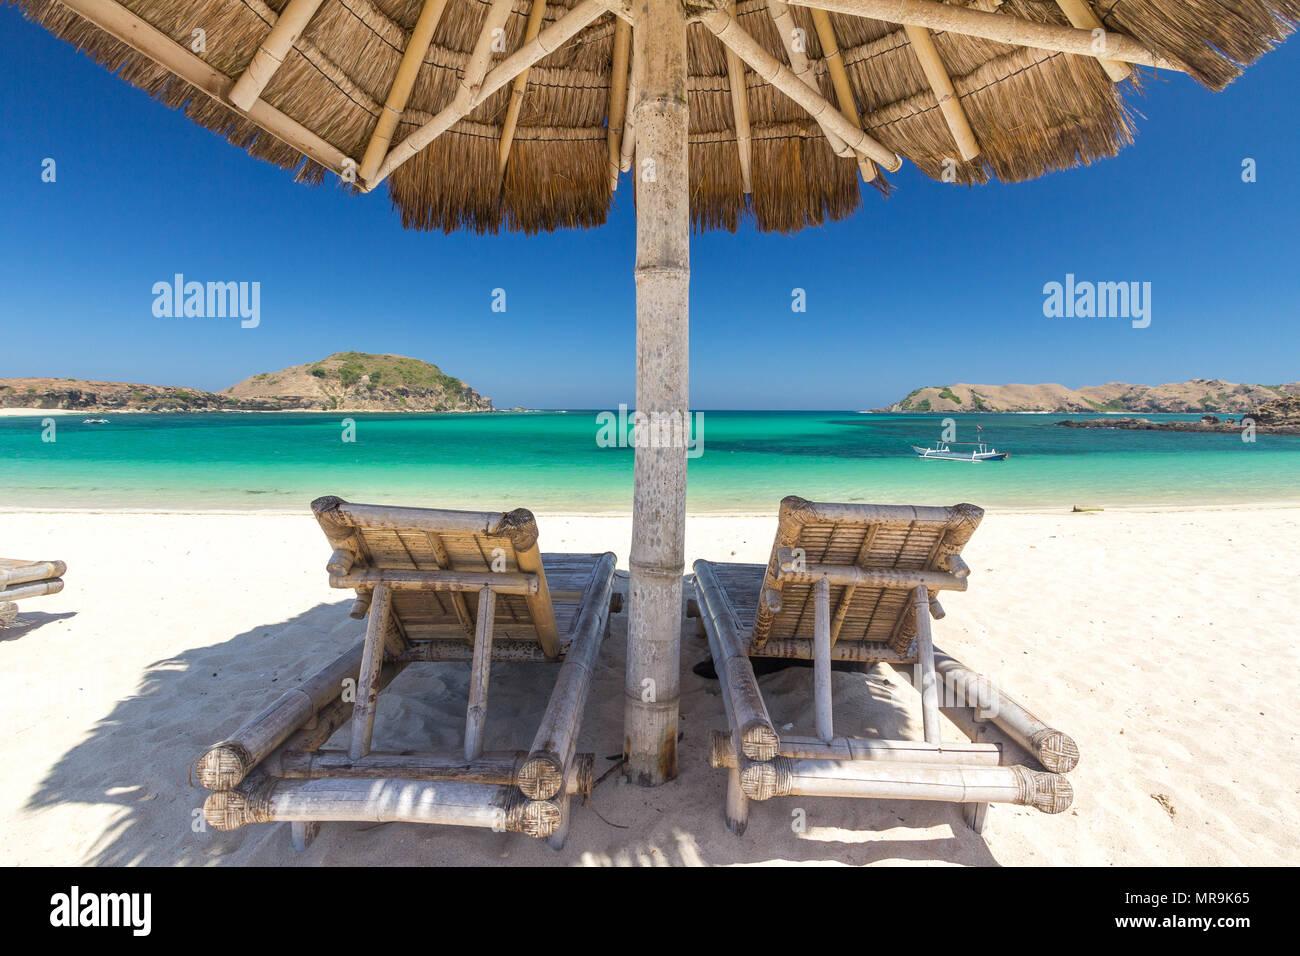 Beach umbrella, Indonesia - Stock Image